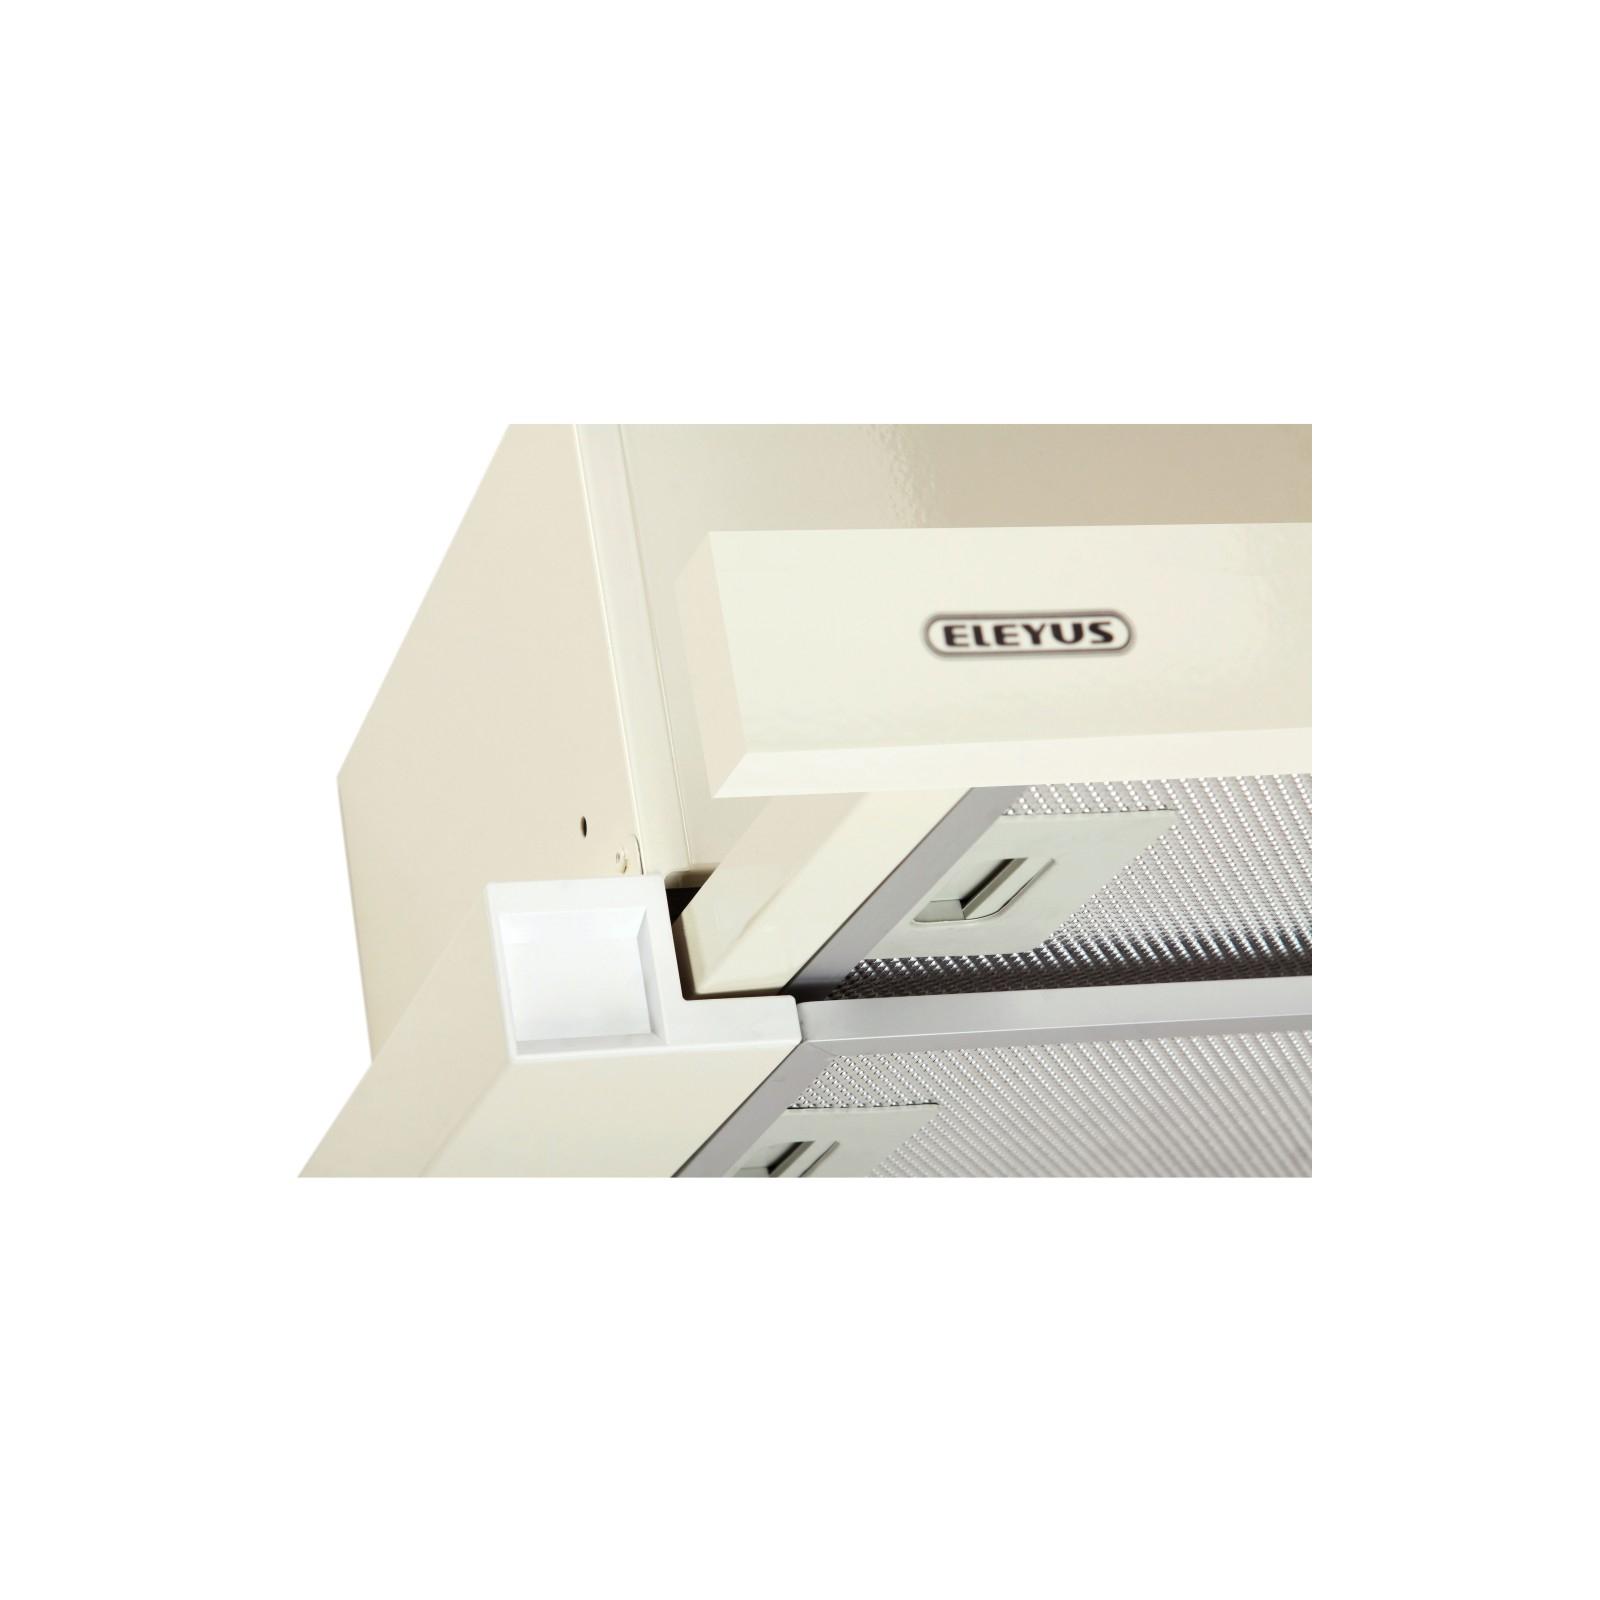 Вытяжка кухонная Eleyus Cyclon 700 50 IS+GR изображение 10